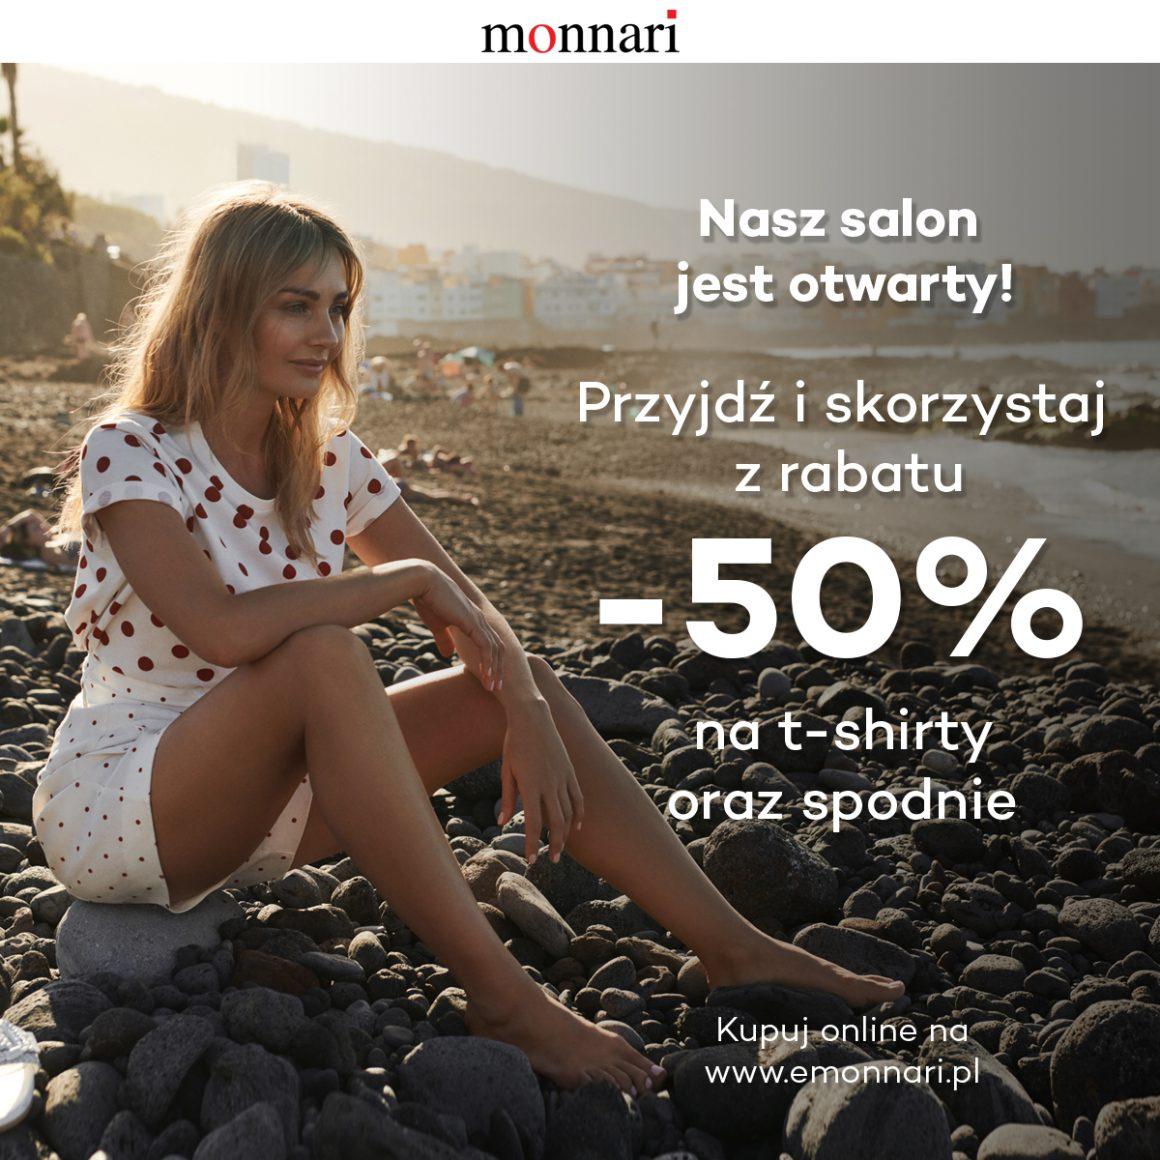 -50% na t-shirty oraz spodnie